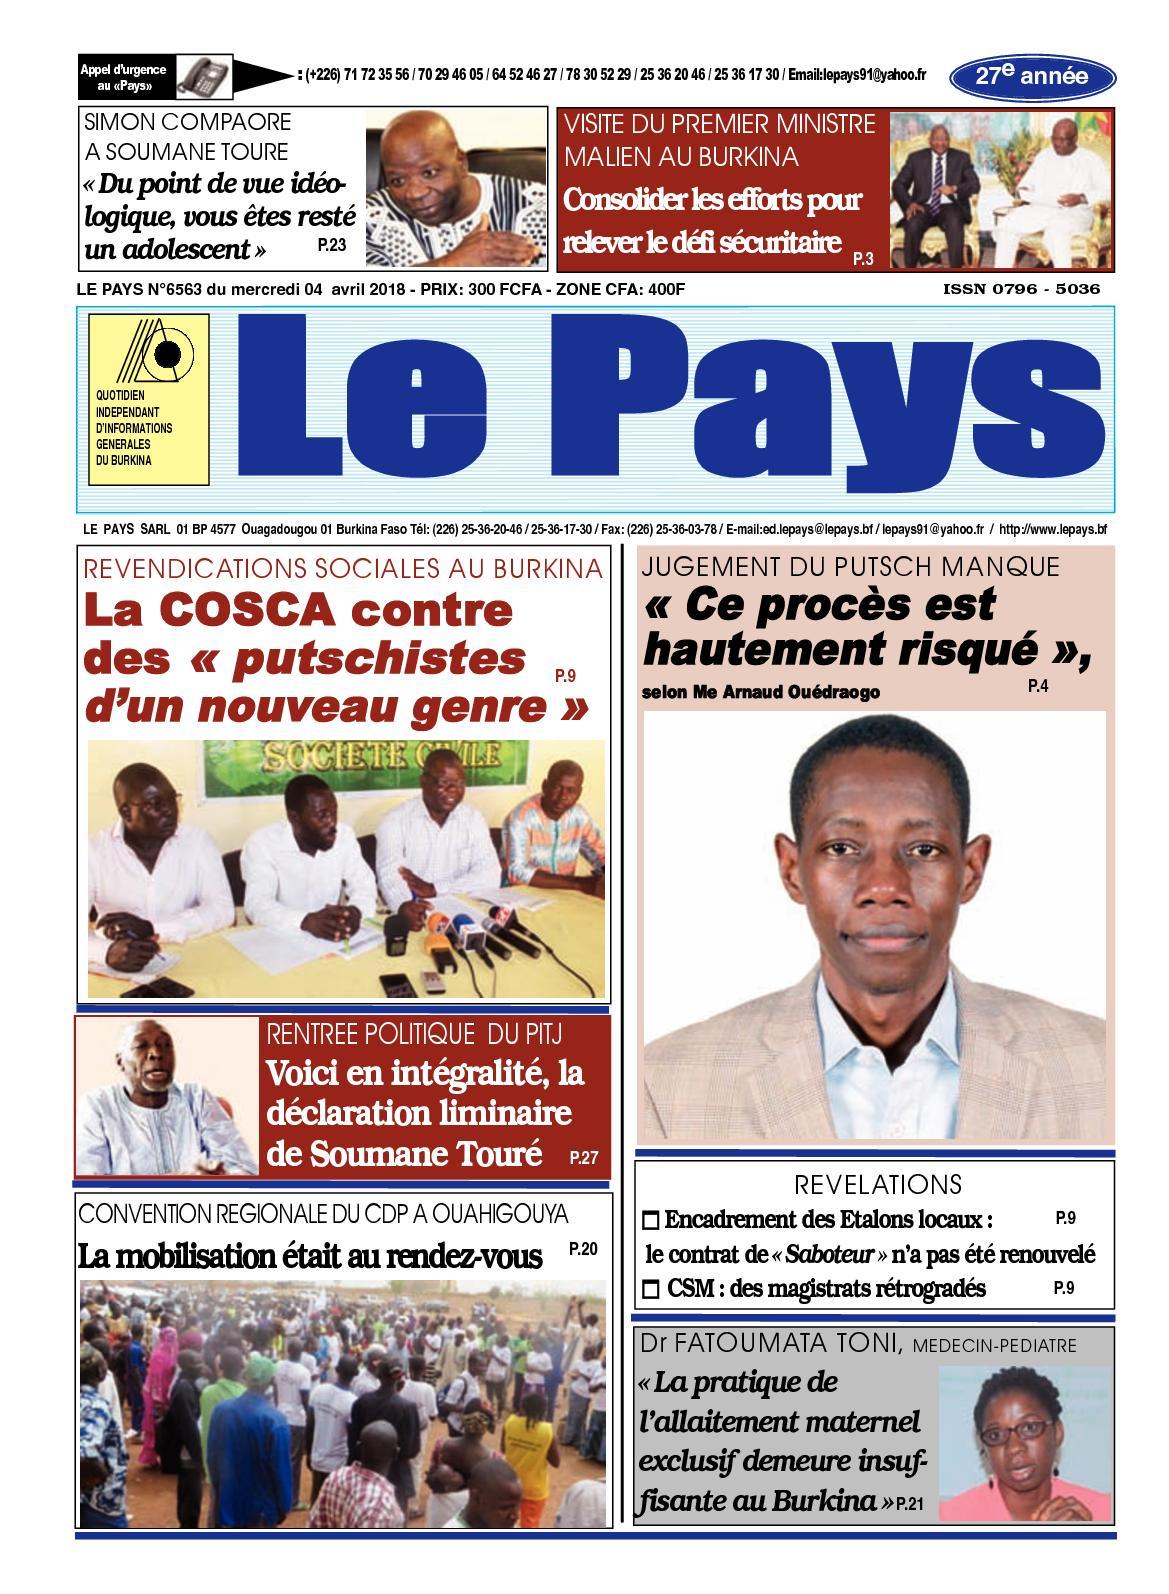 Rencontre catholique célibataire Diébougou Burkina Faso